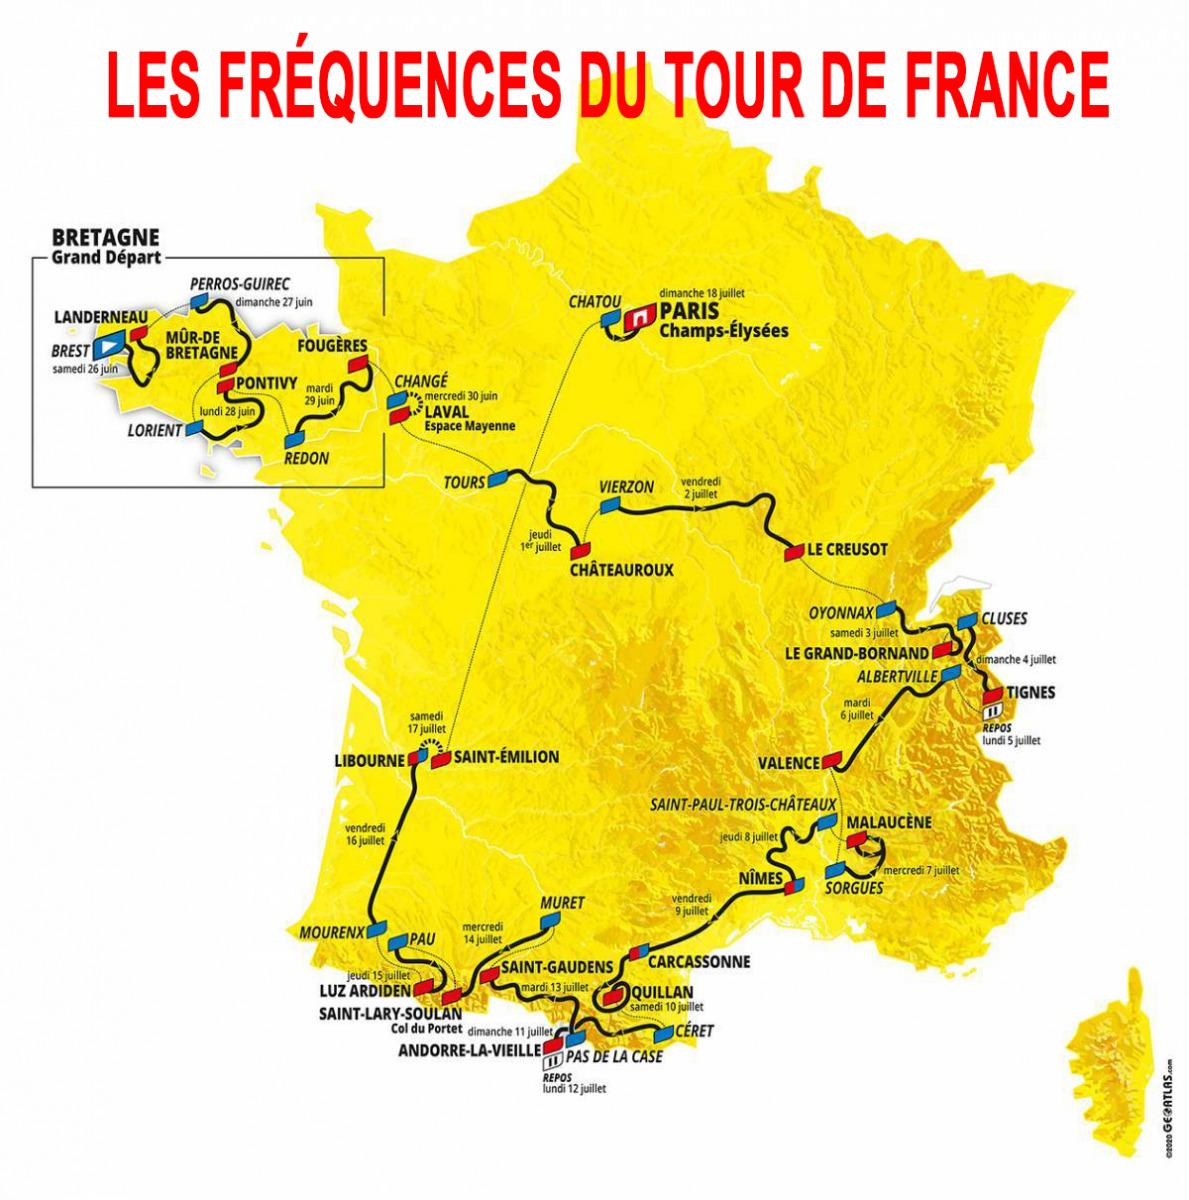 SWL…Les fréquences du tour de France…SWL